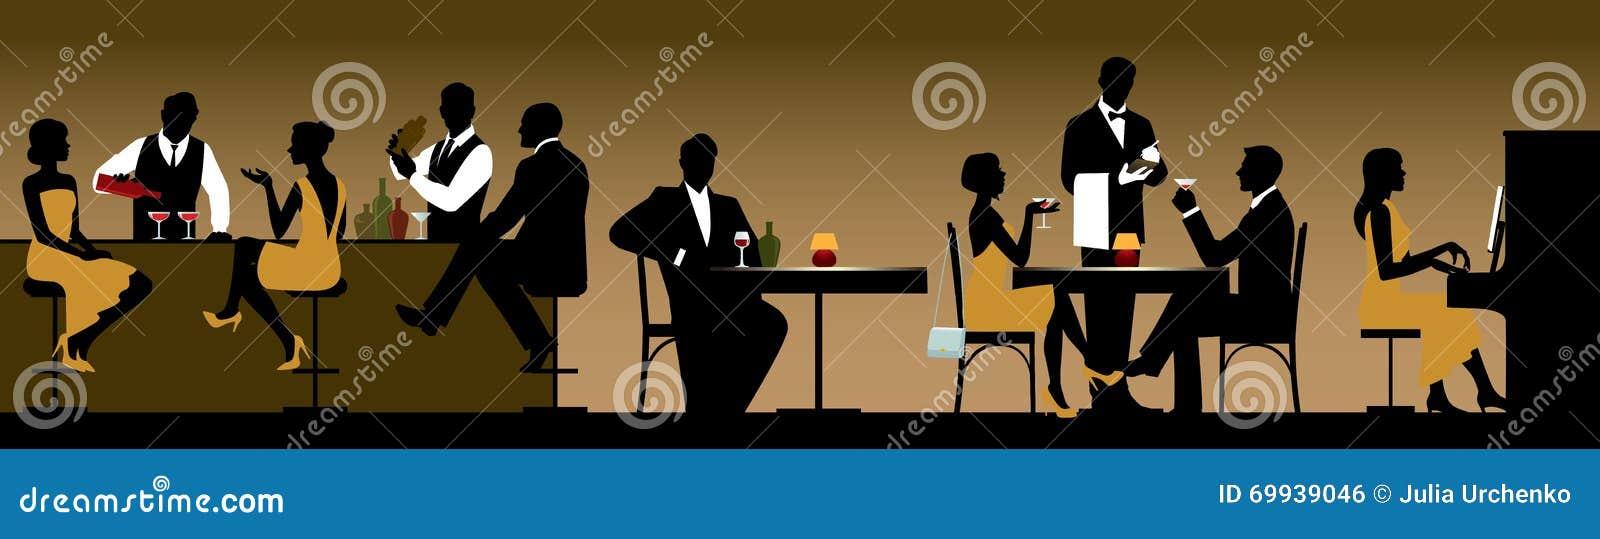 Gelegenheitsgeständige Datierung von mehr als einer Person Kostenlose weiße Dating-Website